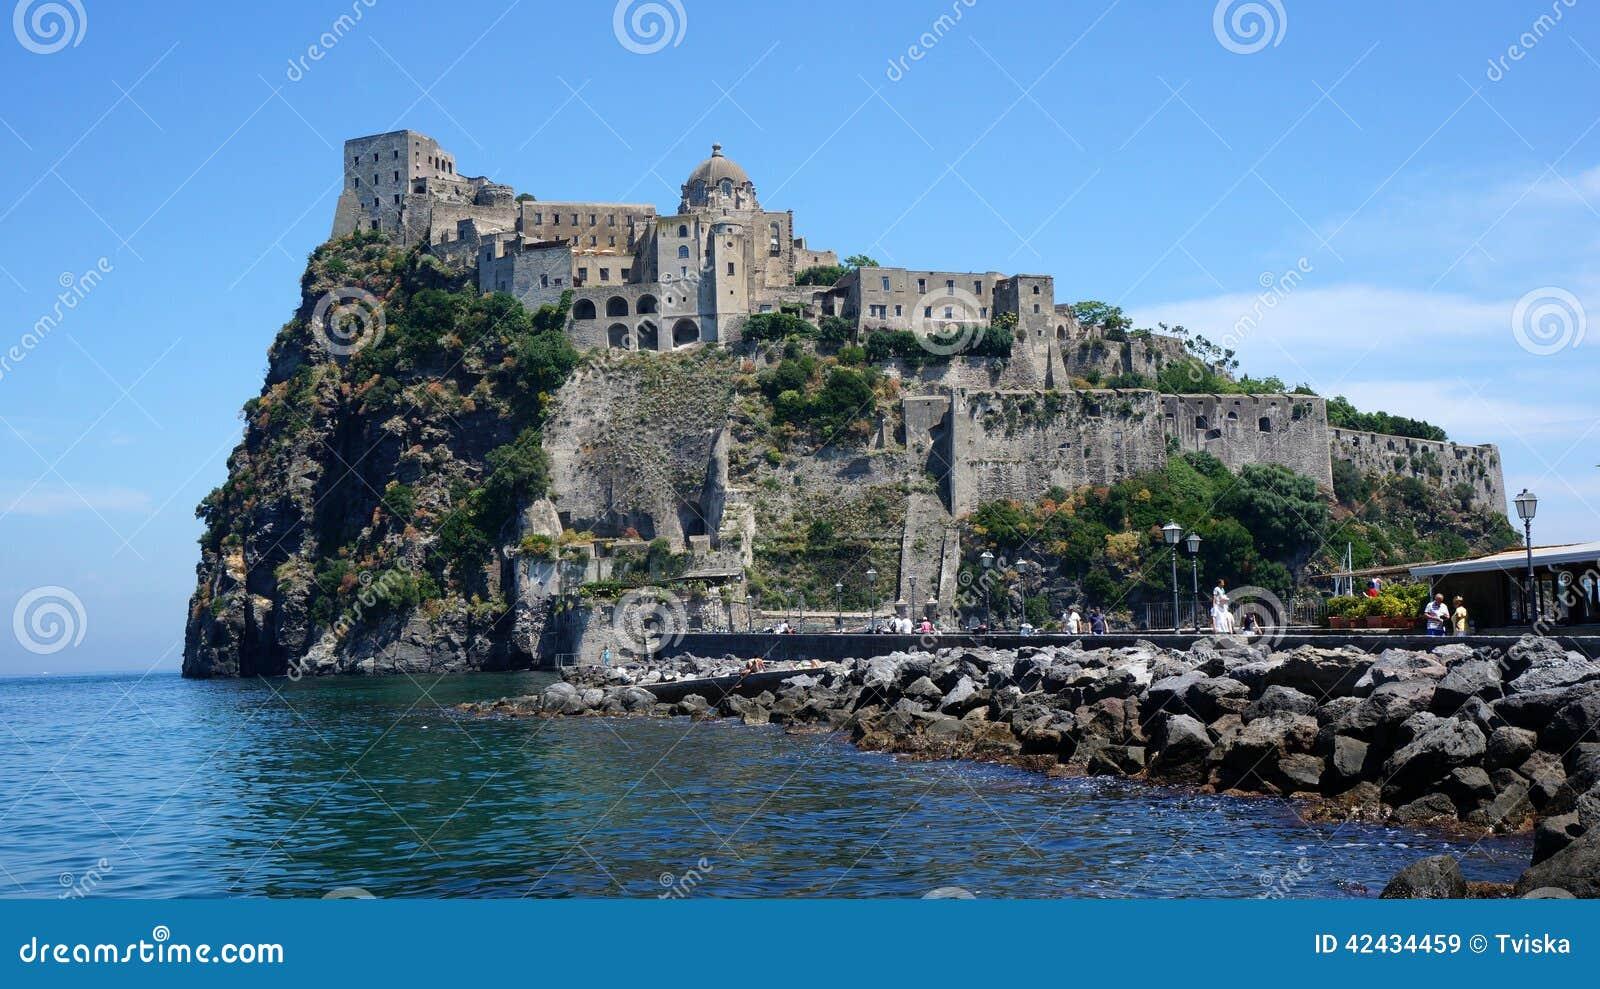 Castillo de Aragonese